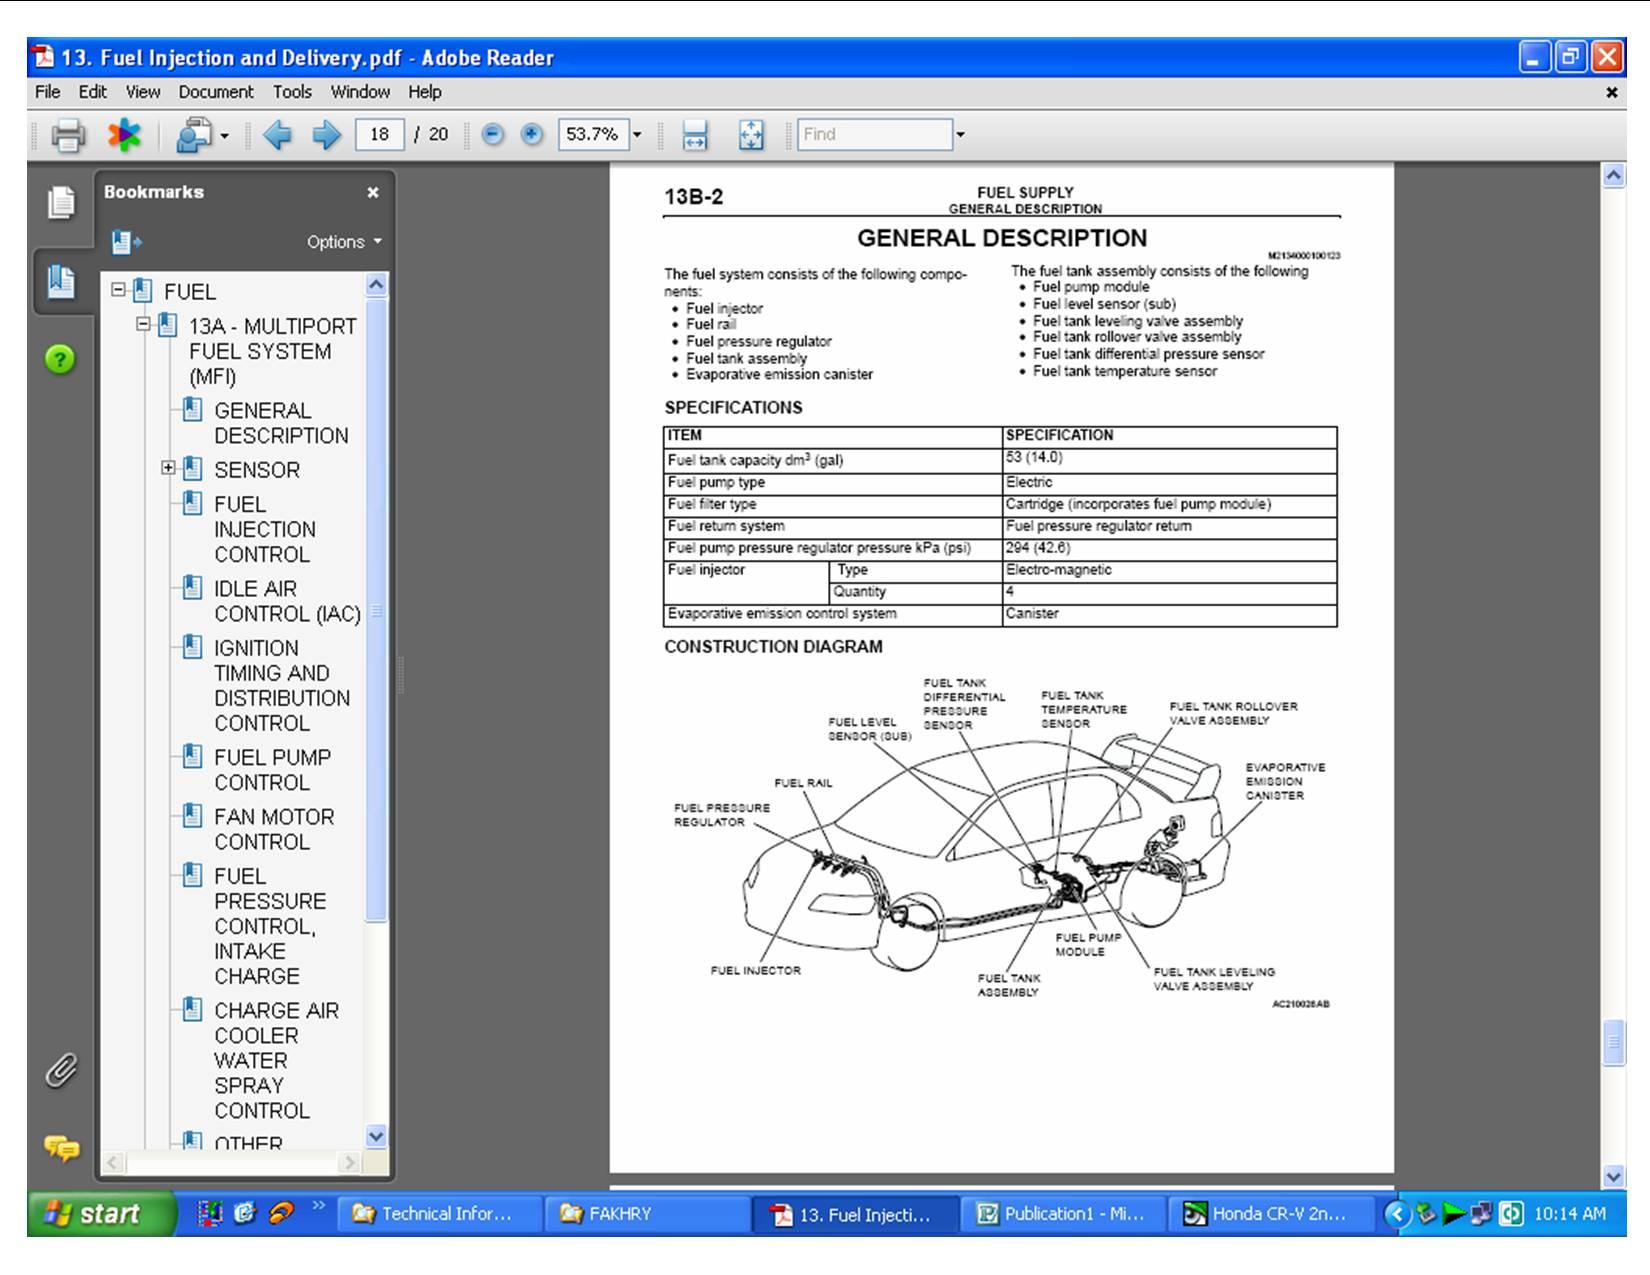 2004 mitsubishi fuso wiring diagram mitsubishi fuso